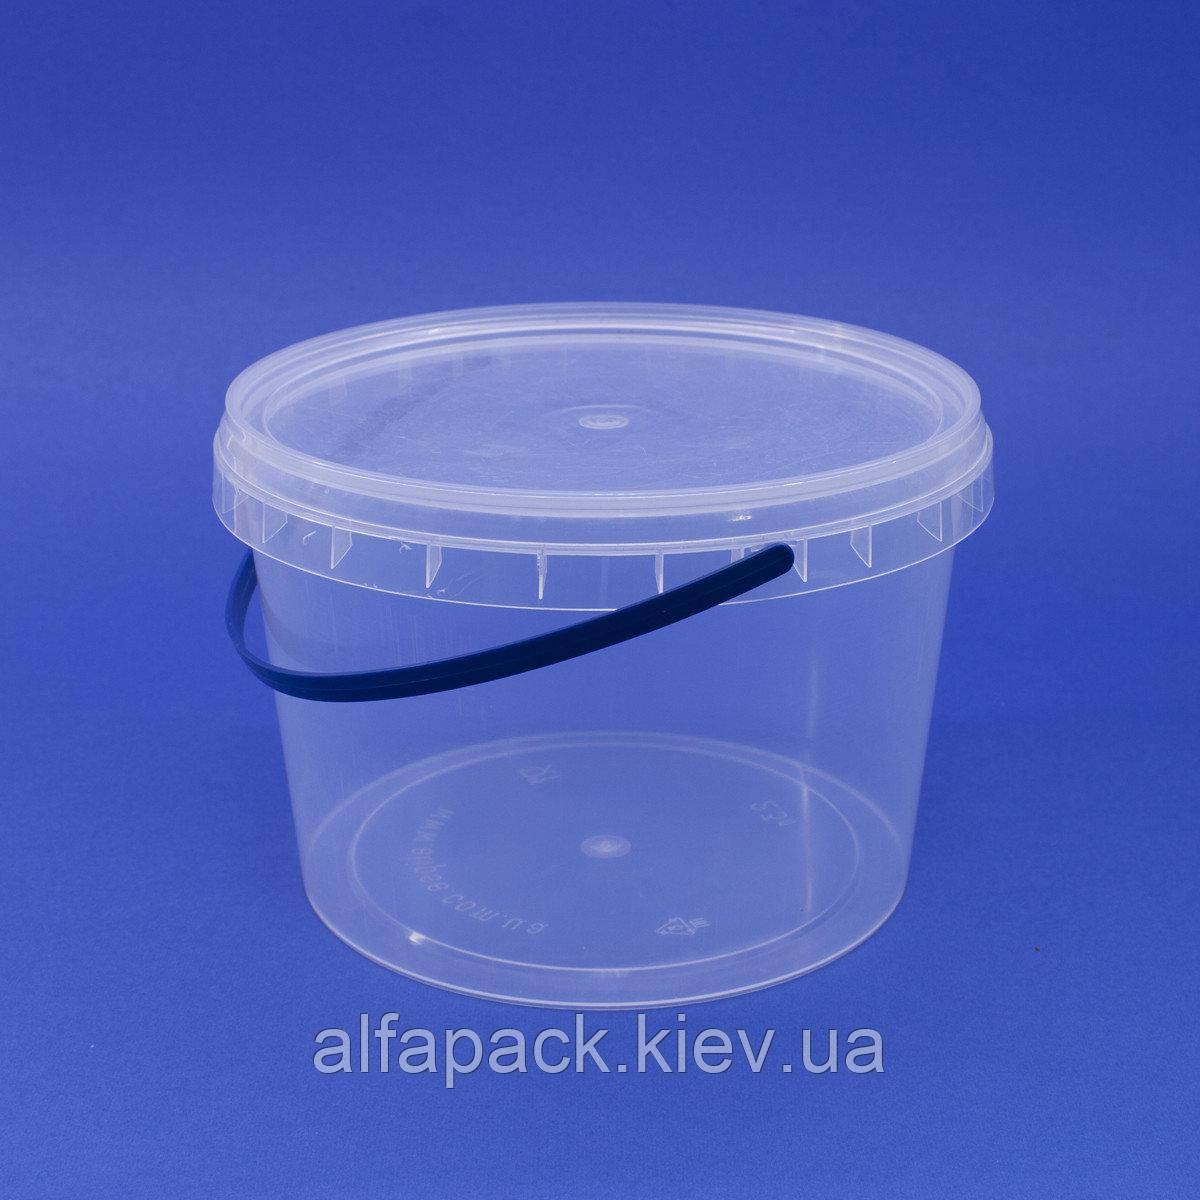 Ведро пластиковое 2,3 л, 100 шт.